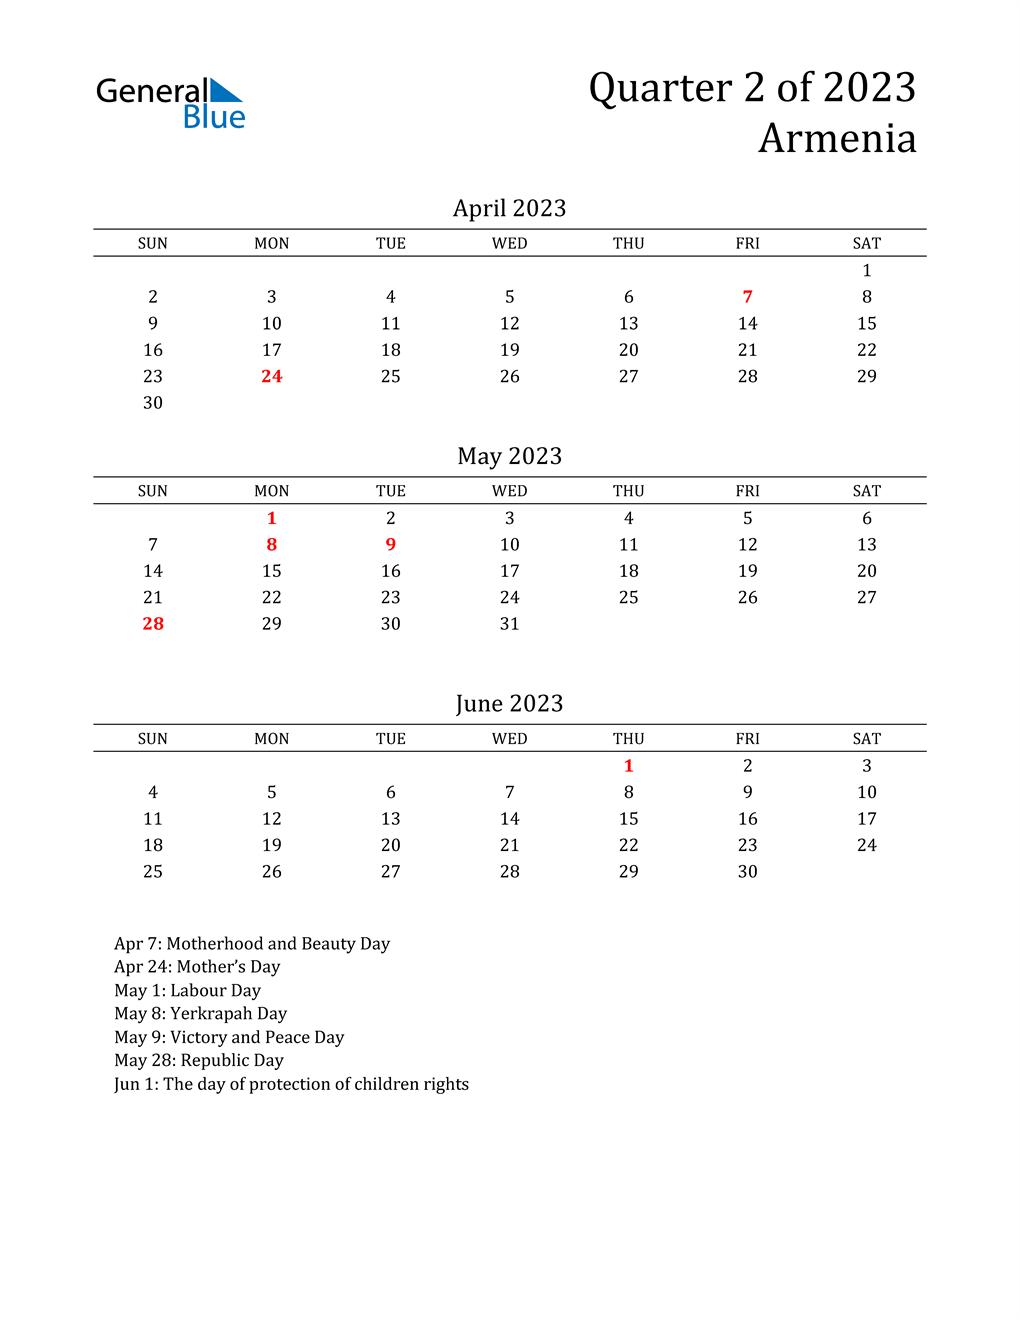 2023 Armenia Quarterly Calendar